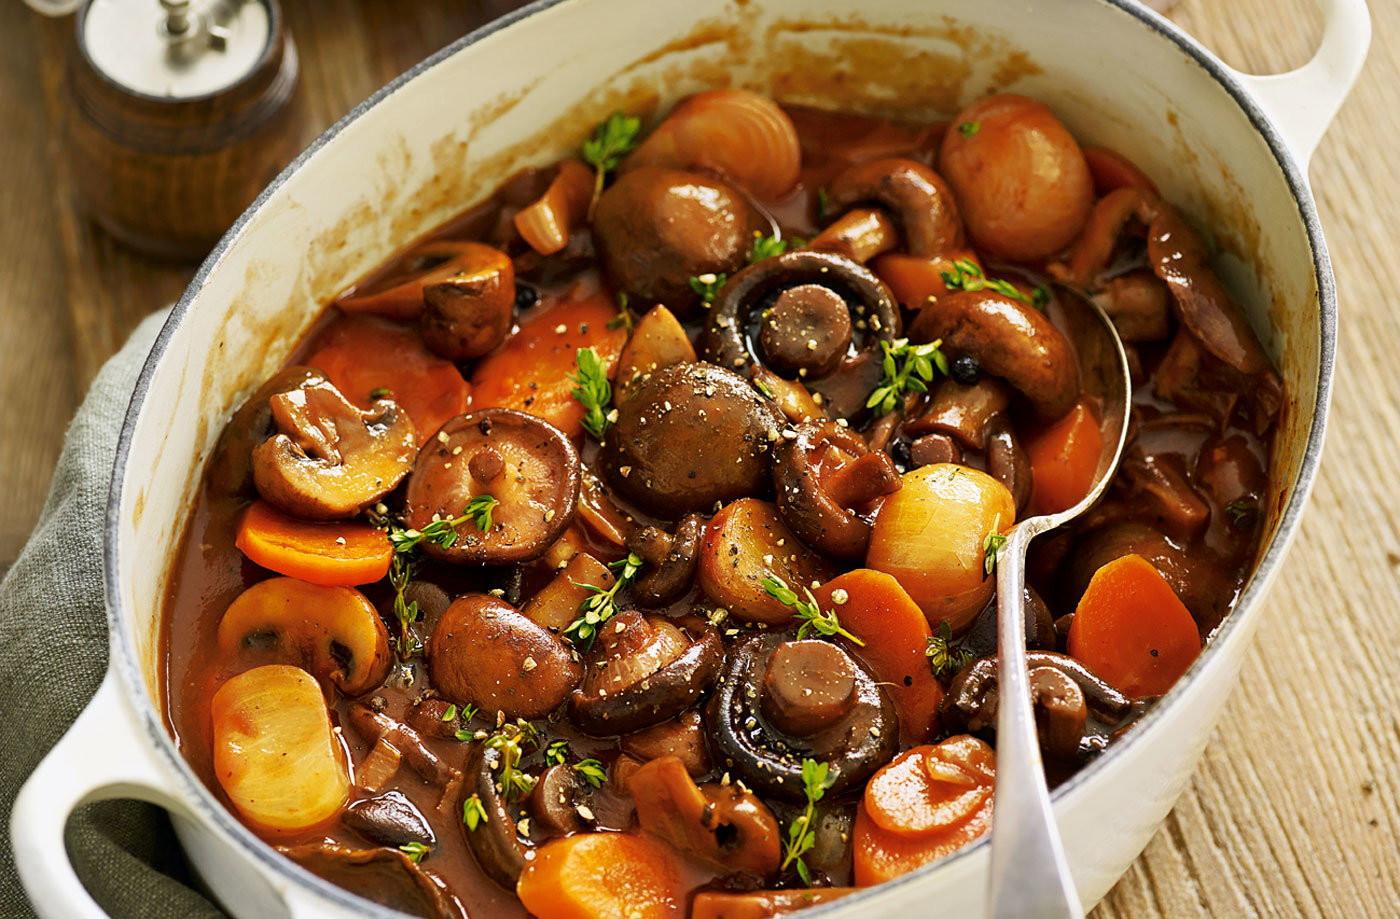 Vegetarian Recipes Mushrooms  Mushroom bourguignon